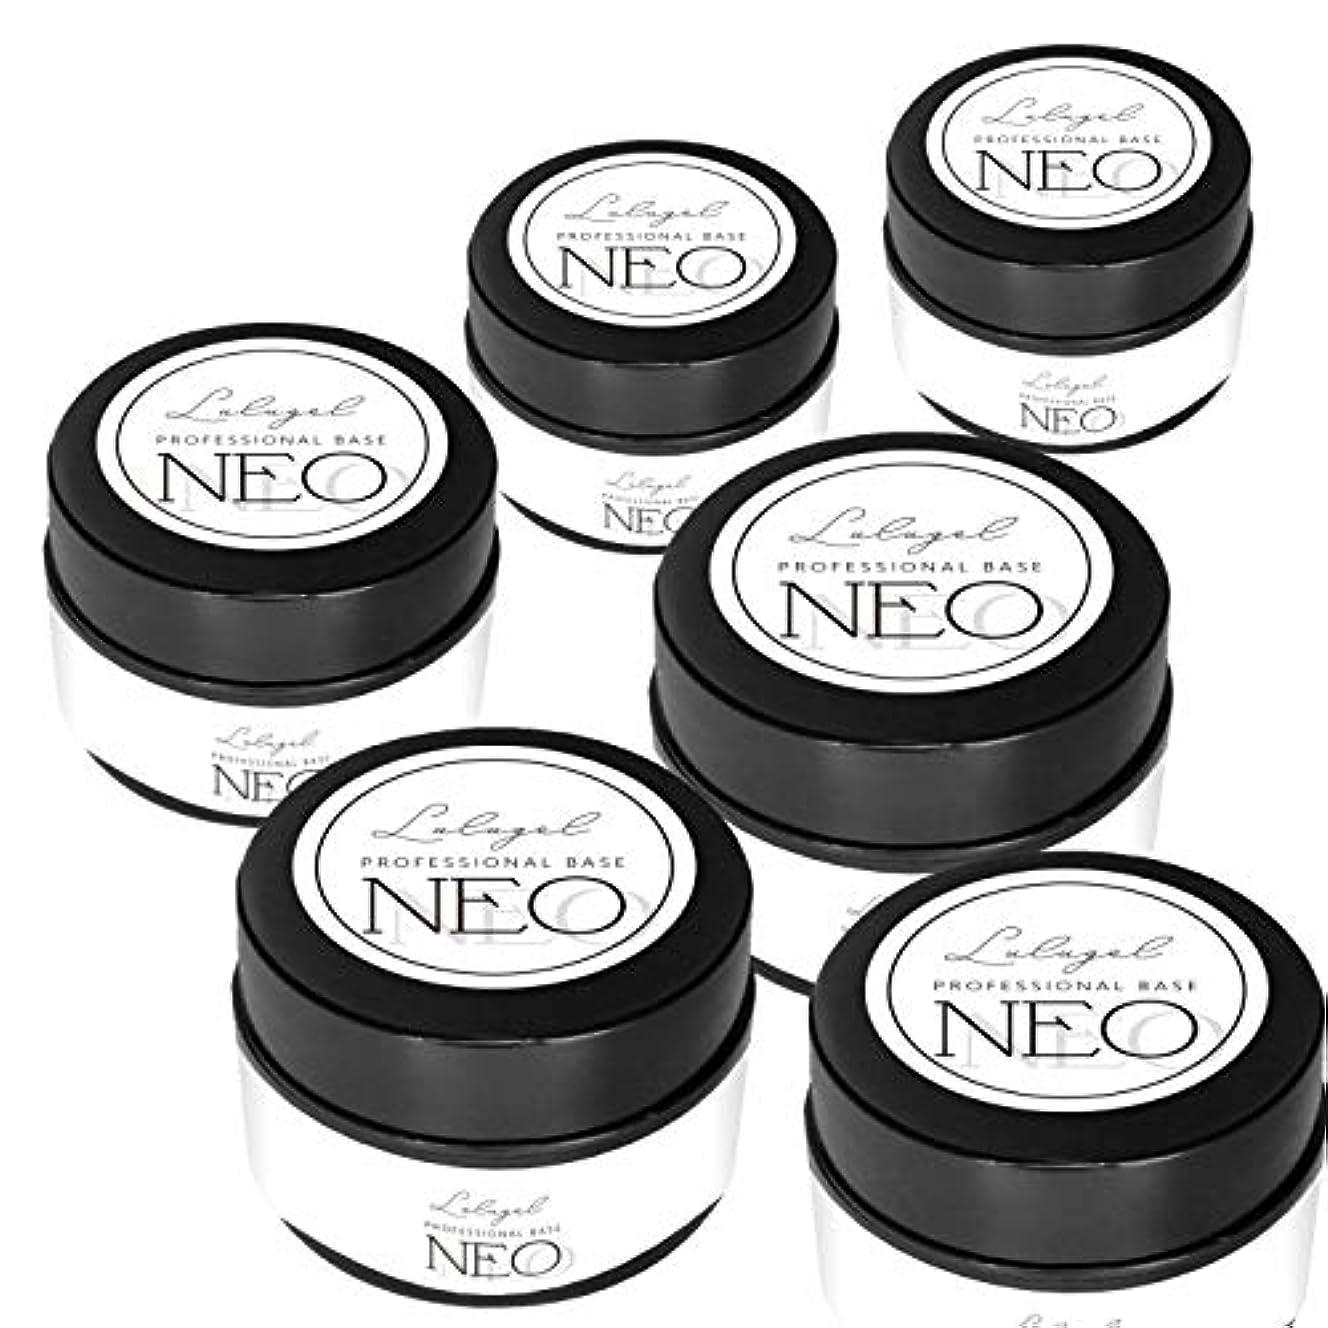 硫黄踏みつけ動揺させる最新 ジェルネイル LULUGEL NEO プロフェッショナル ベース 15g 爪用化粧料 (6個)